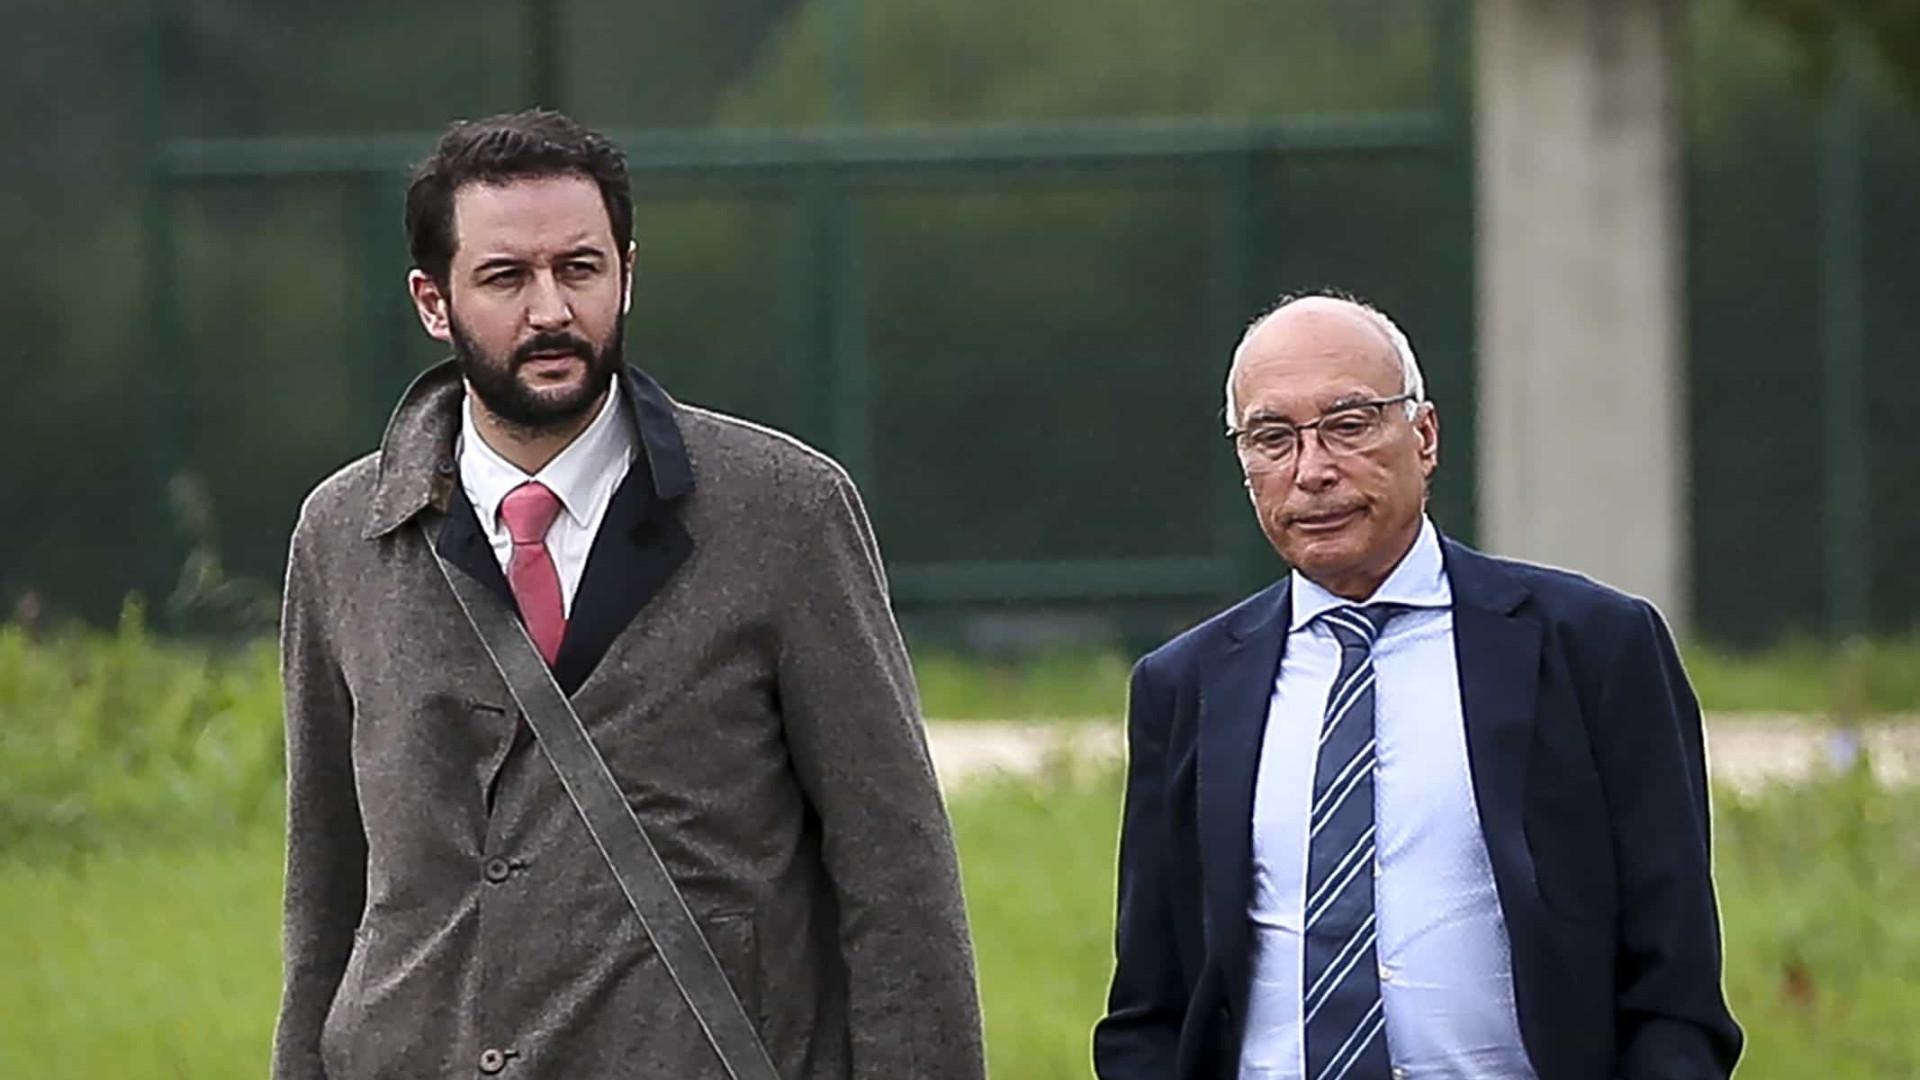 Médico Virgílio Abreu diz ter visto Varandas a desviar-se de uma tocha